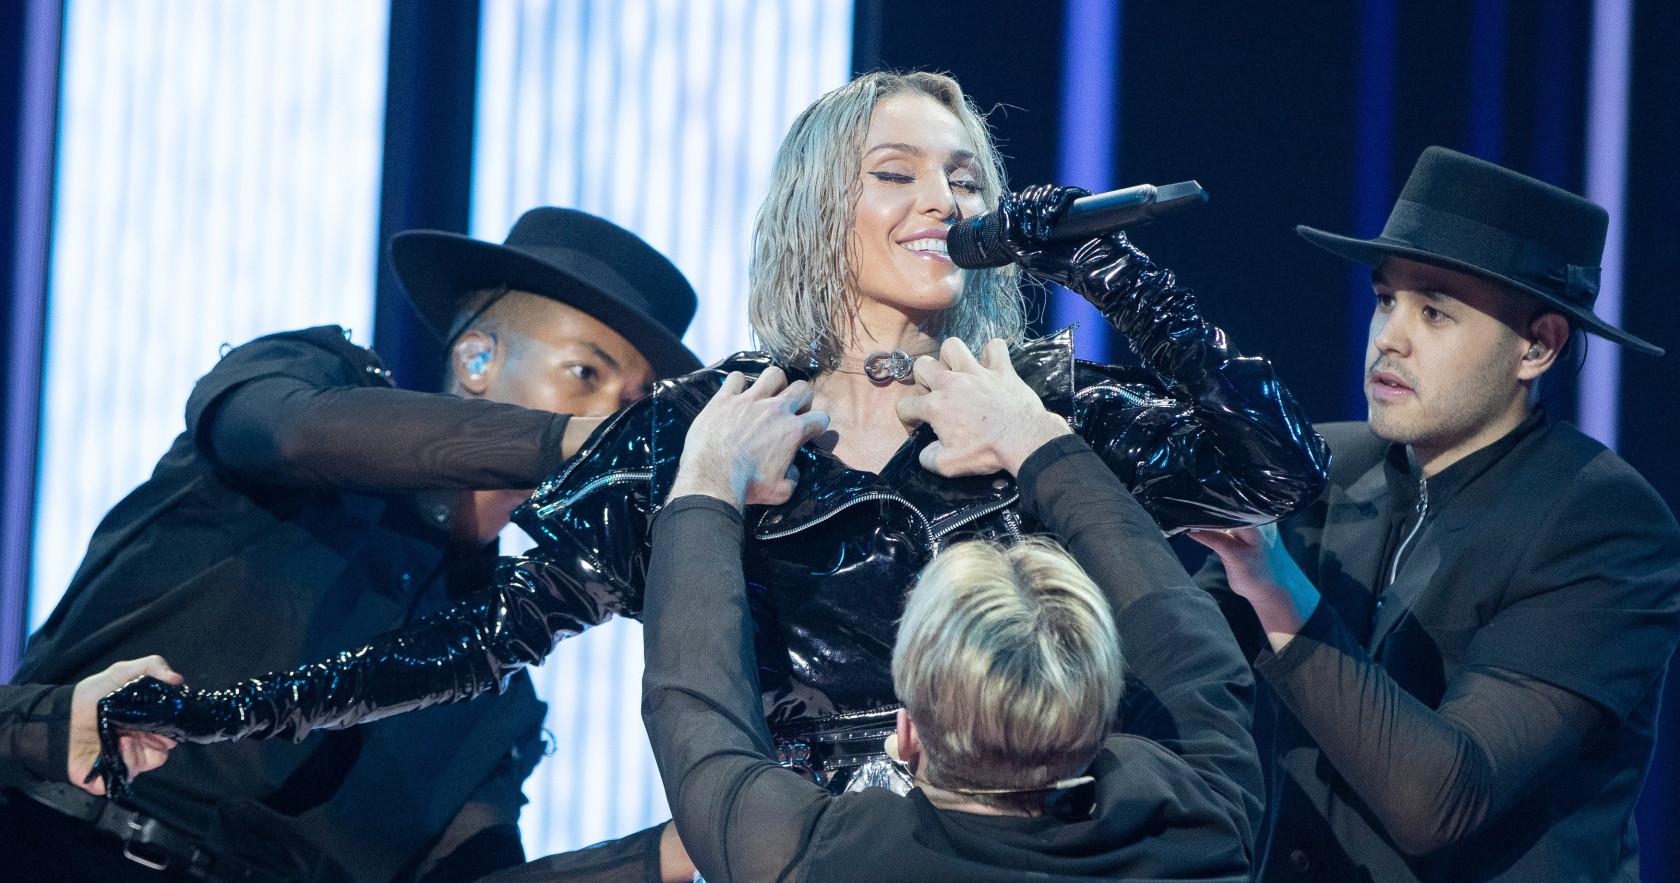 Μεγάλη νικήτρια της Eurovision η Ολλανδία! 15η θέση για την Κύπρο (video)